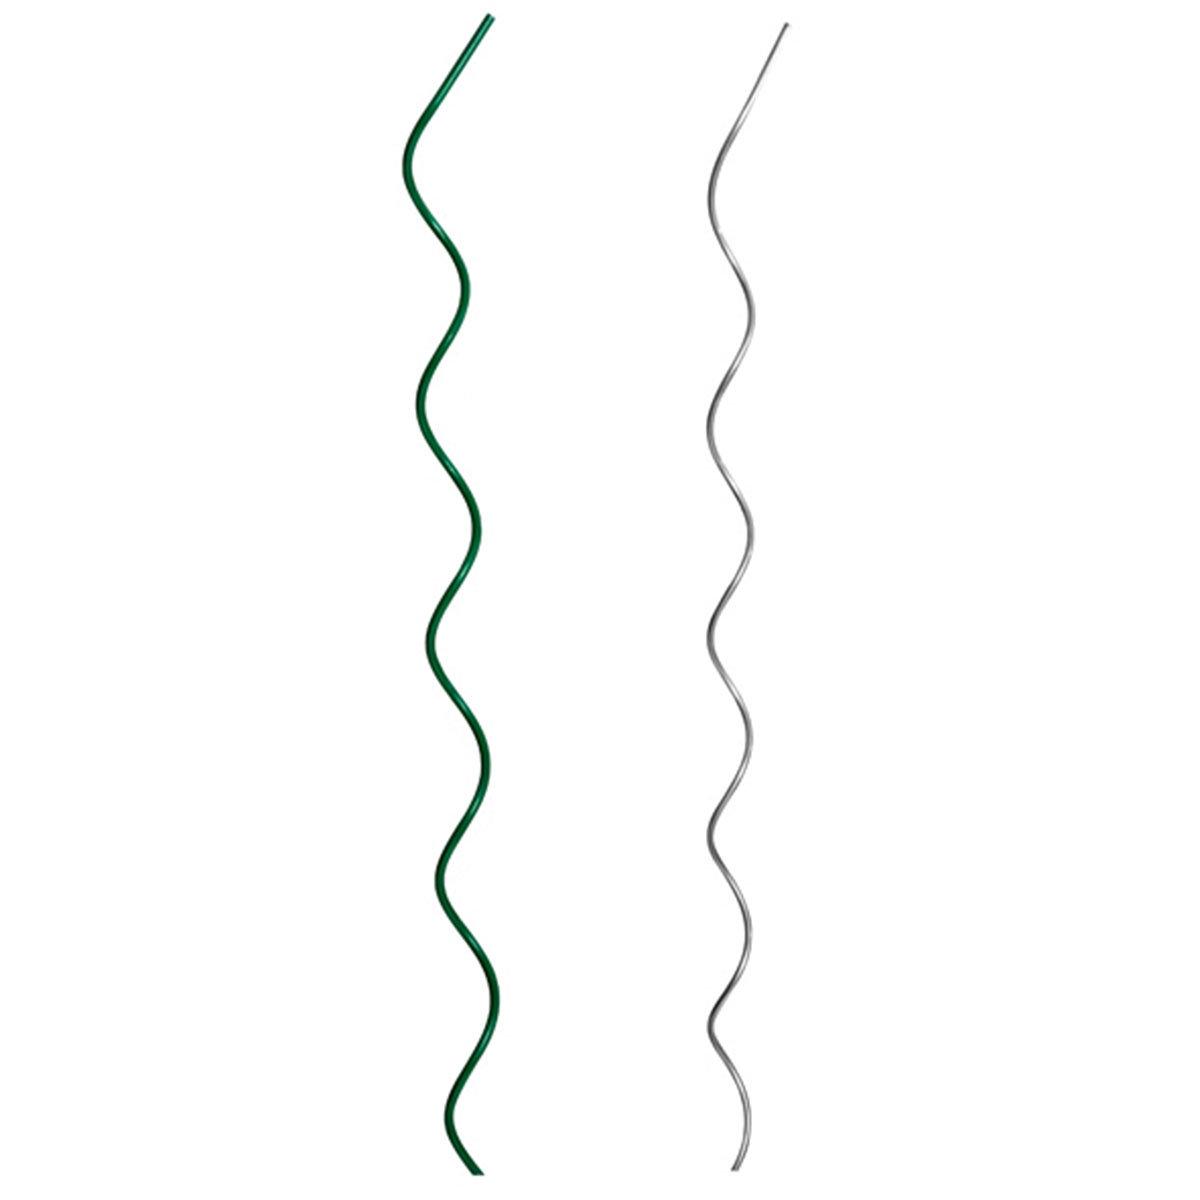 5er-Set Tomatenspiralstäbe, 110 cm | #5